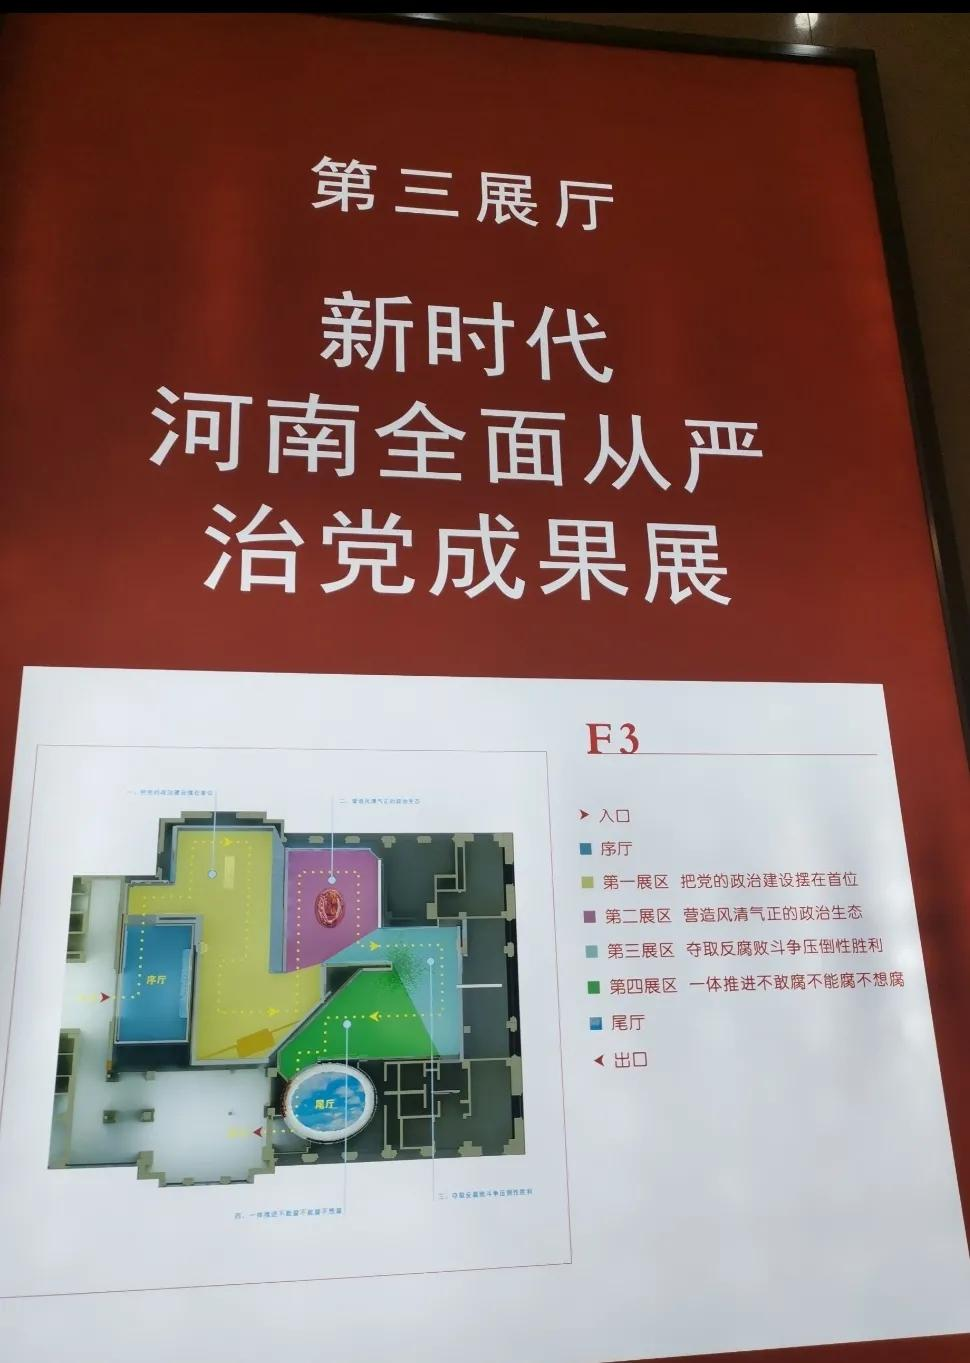 这个展览馆值得看一看——河南廉政文化教育馆